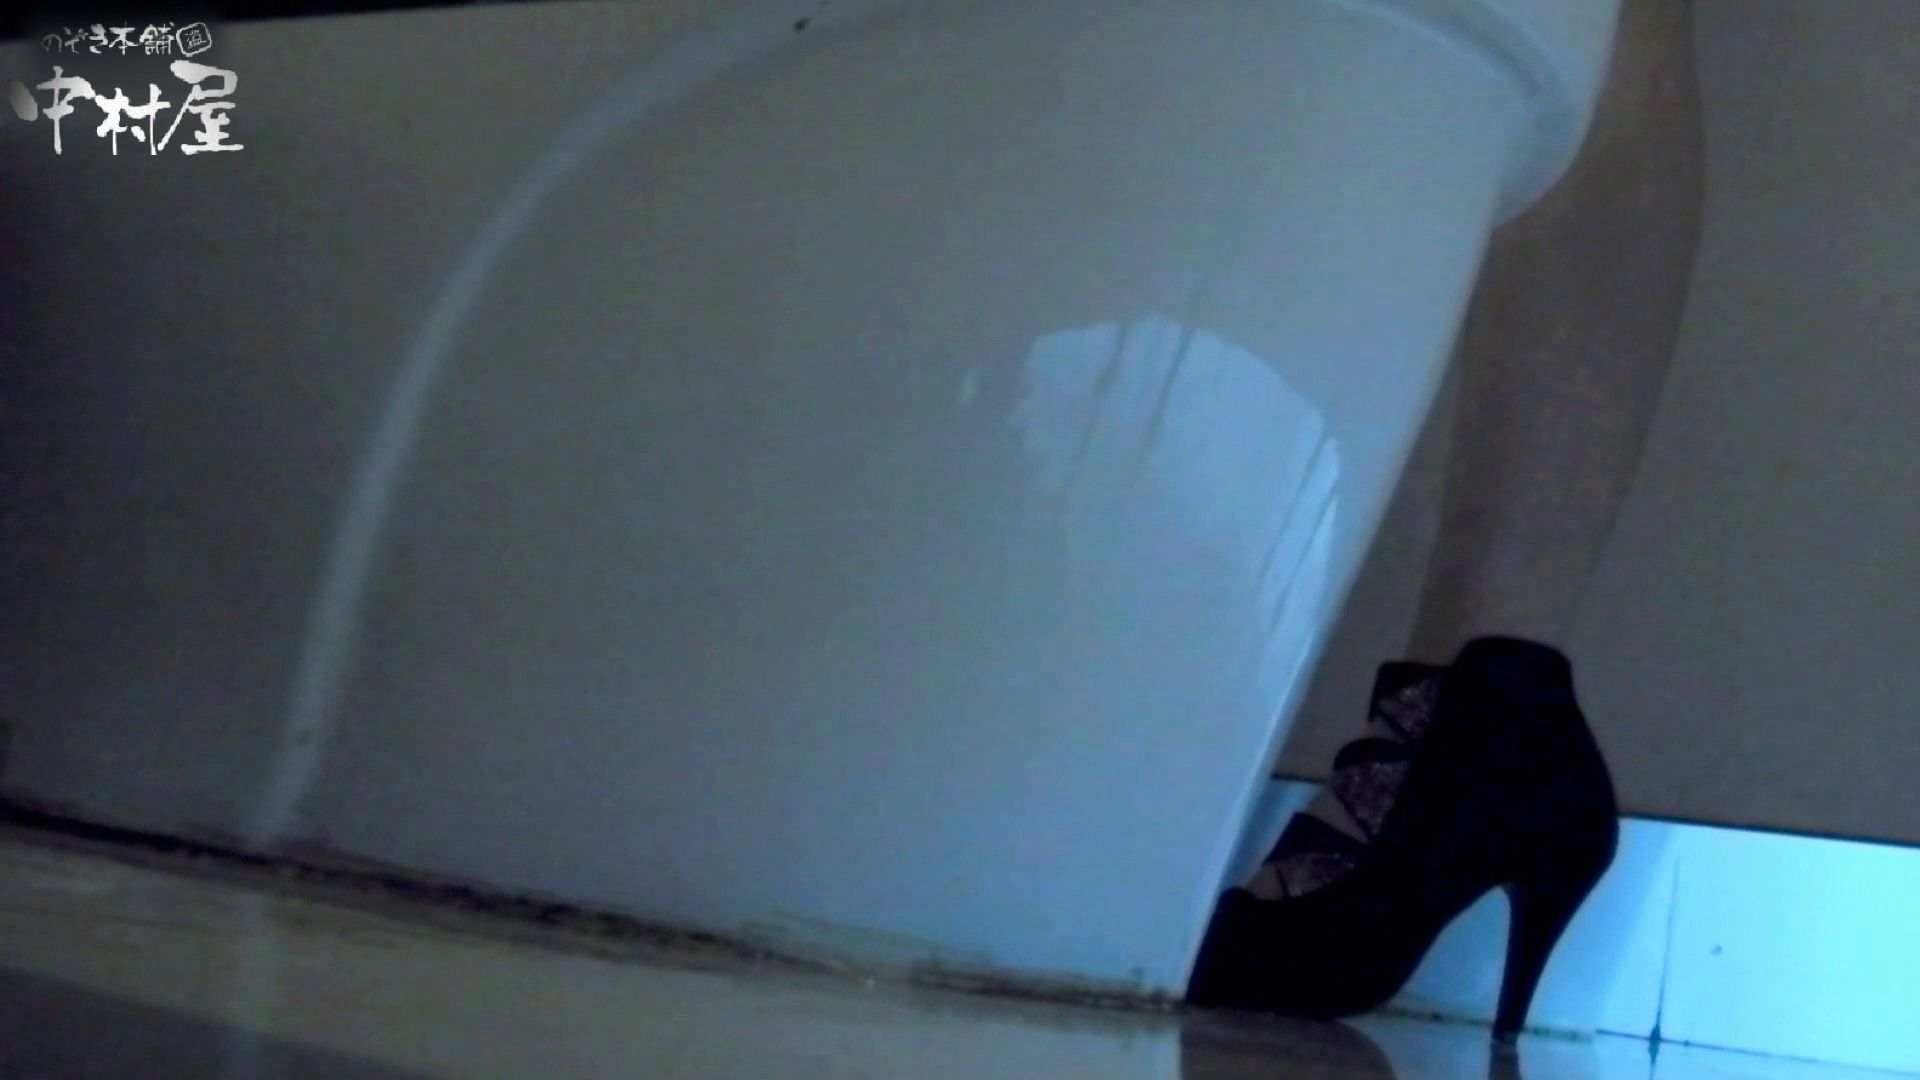 新世界の射窓 No72 モデル級なら個室から飛び出て追っかけます モデルヌード | 洗面所  81pic 76